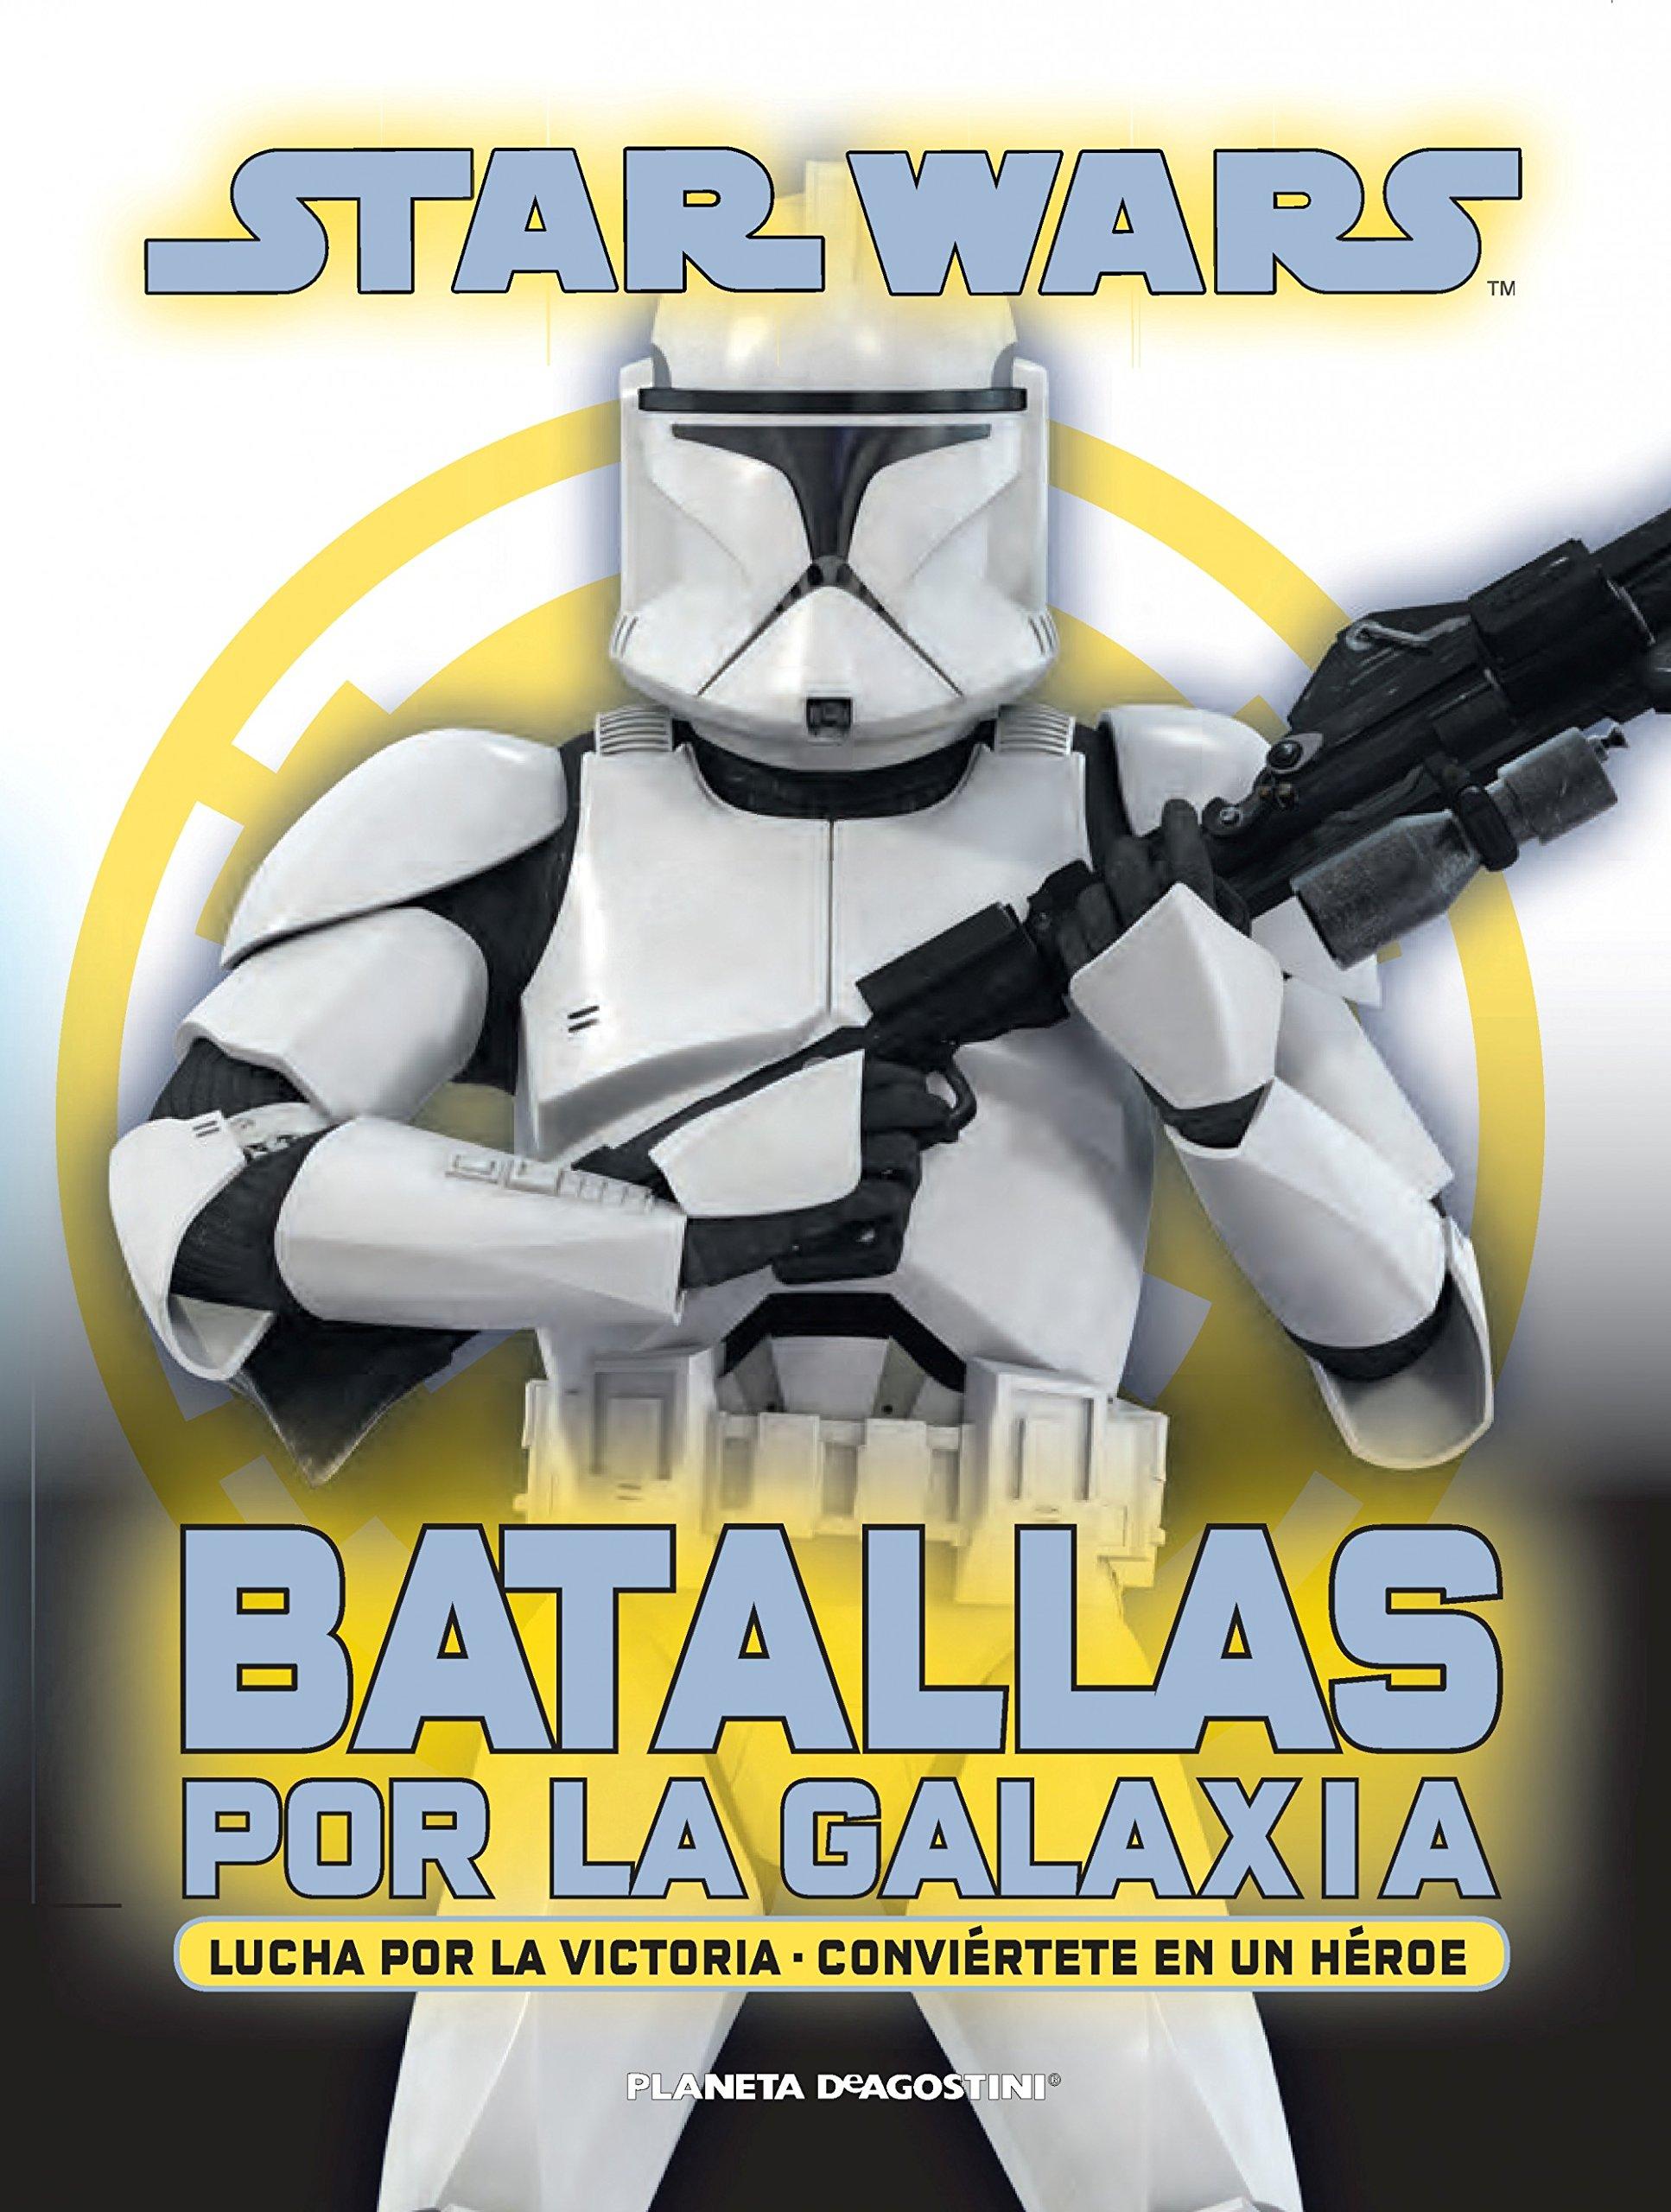 Star Wars Batallas por la galaxia Star Wars: Guías Ilustradas: Amazon.es: AA. VV., Agut Iglesias, Albert: Libros